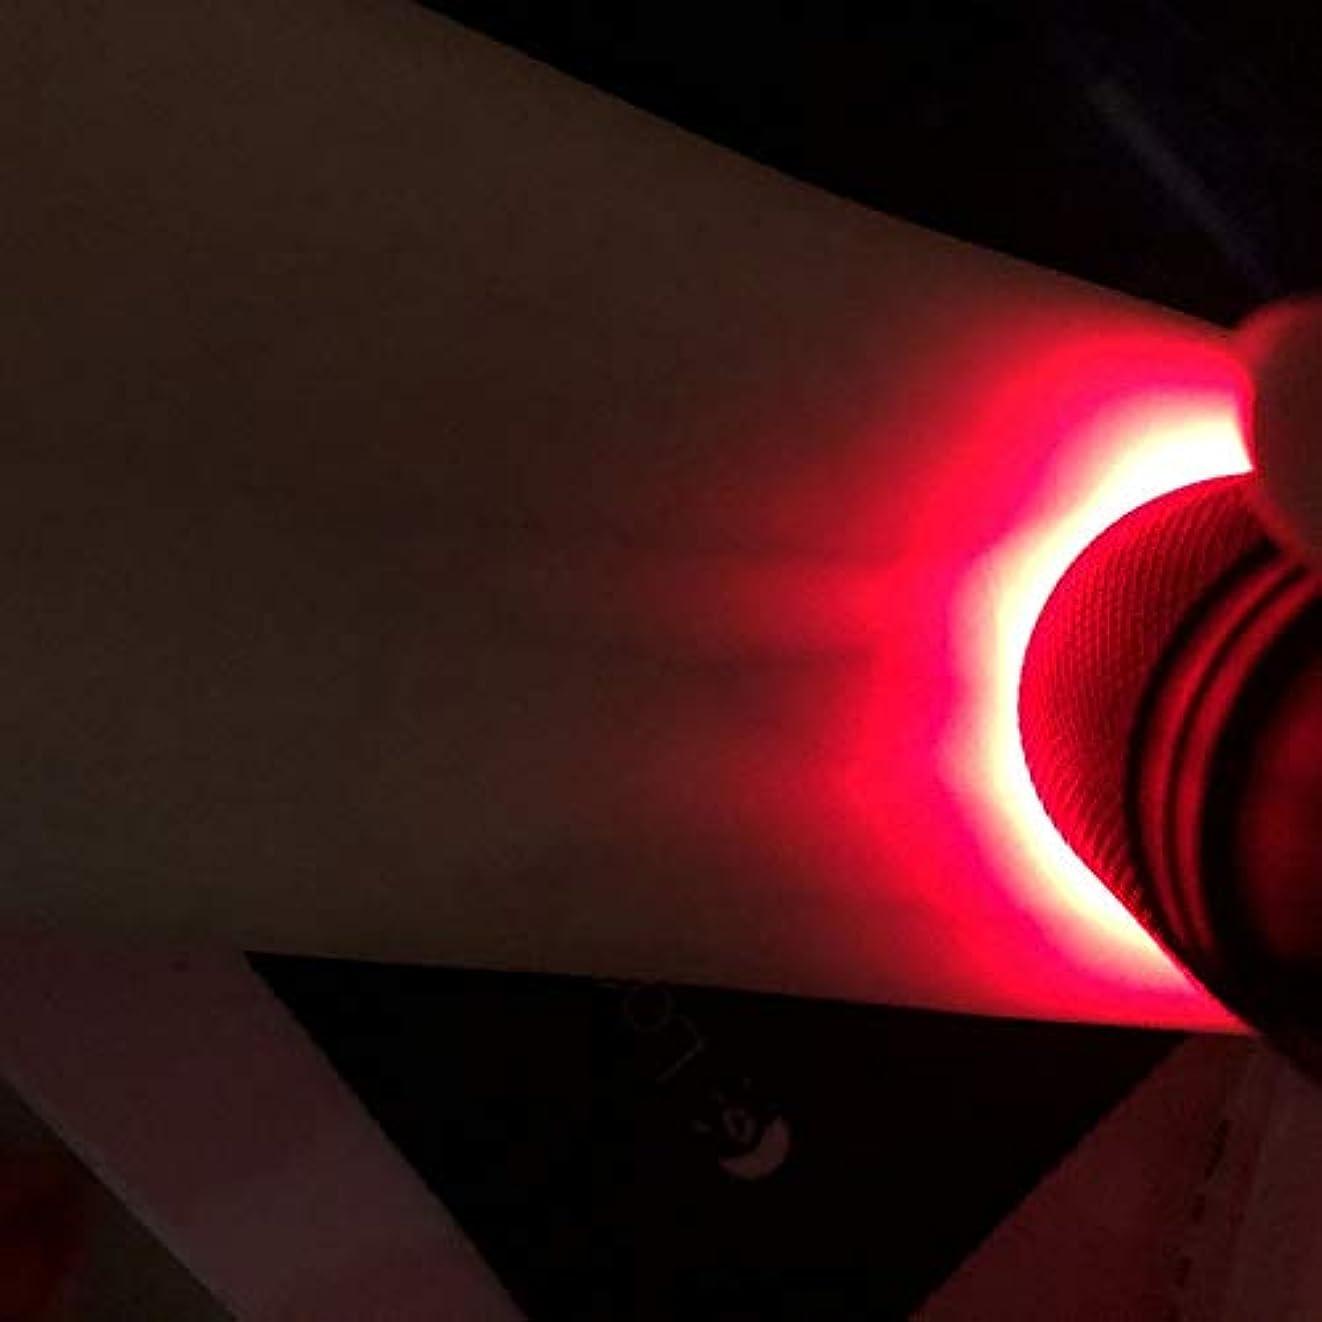 より多い腐敗した結論静脈イメージング懐中電灯血管ディスプレイ懐中電灯手穿刺による血管ライトの確認皮下静脈デバイスの発見が容易